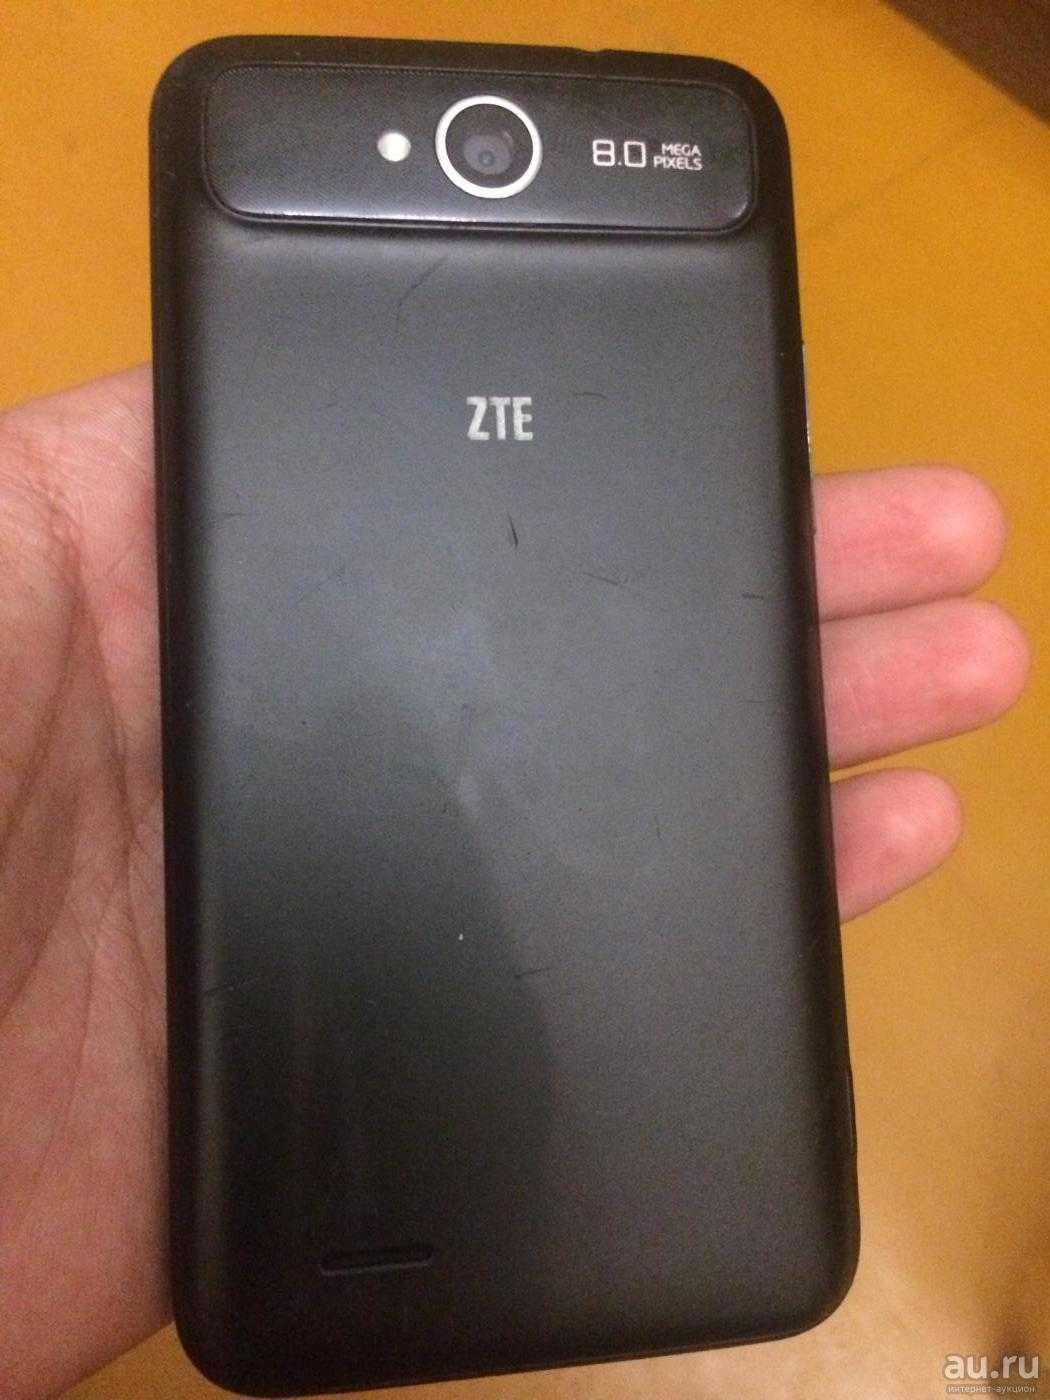 Zte v987 grand x quad купить по акционной цене , отзывы и обзоры.